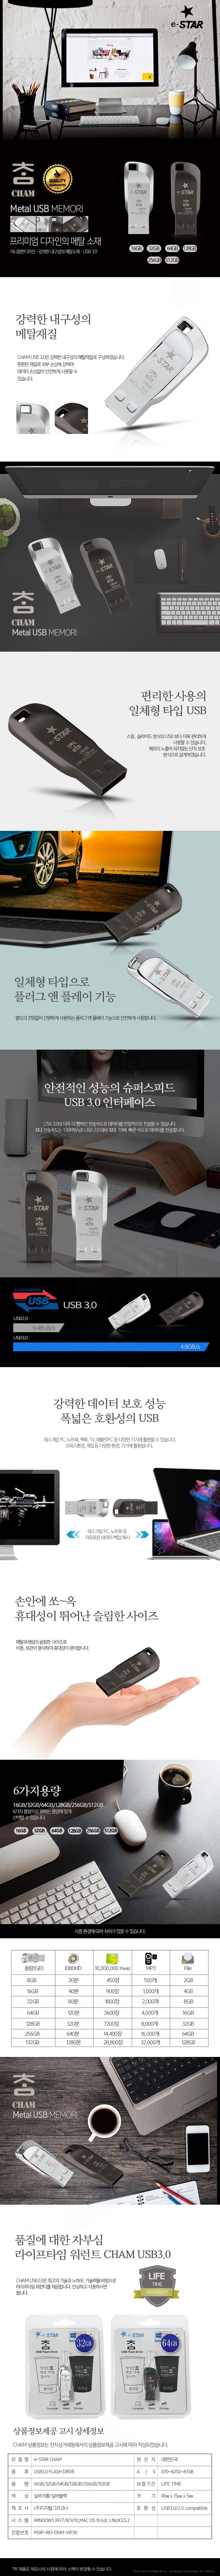 디지탈그리고나 e-STAR CHAM USB 3.0 (16GB)